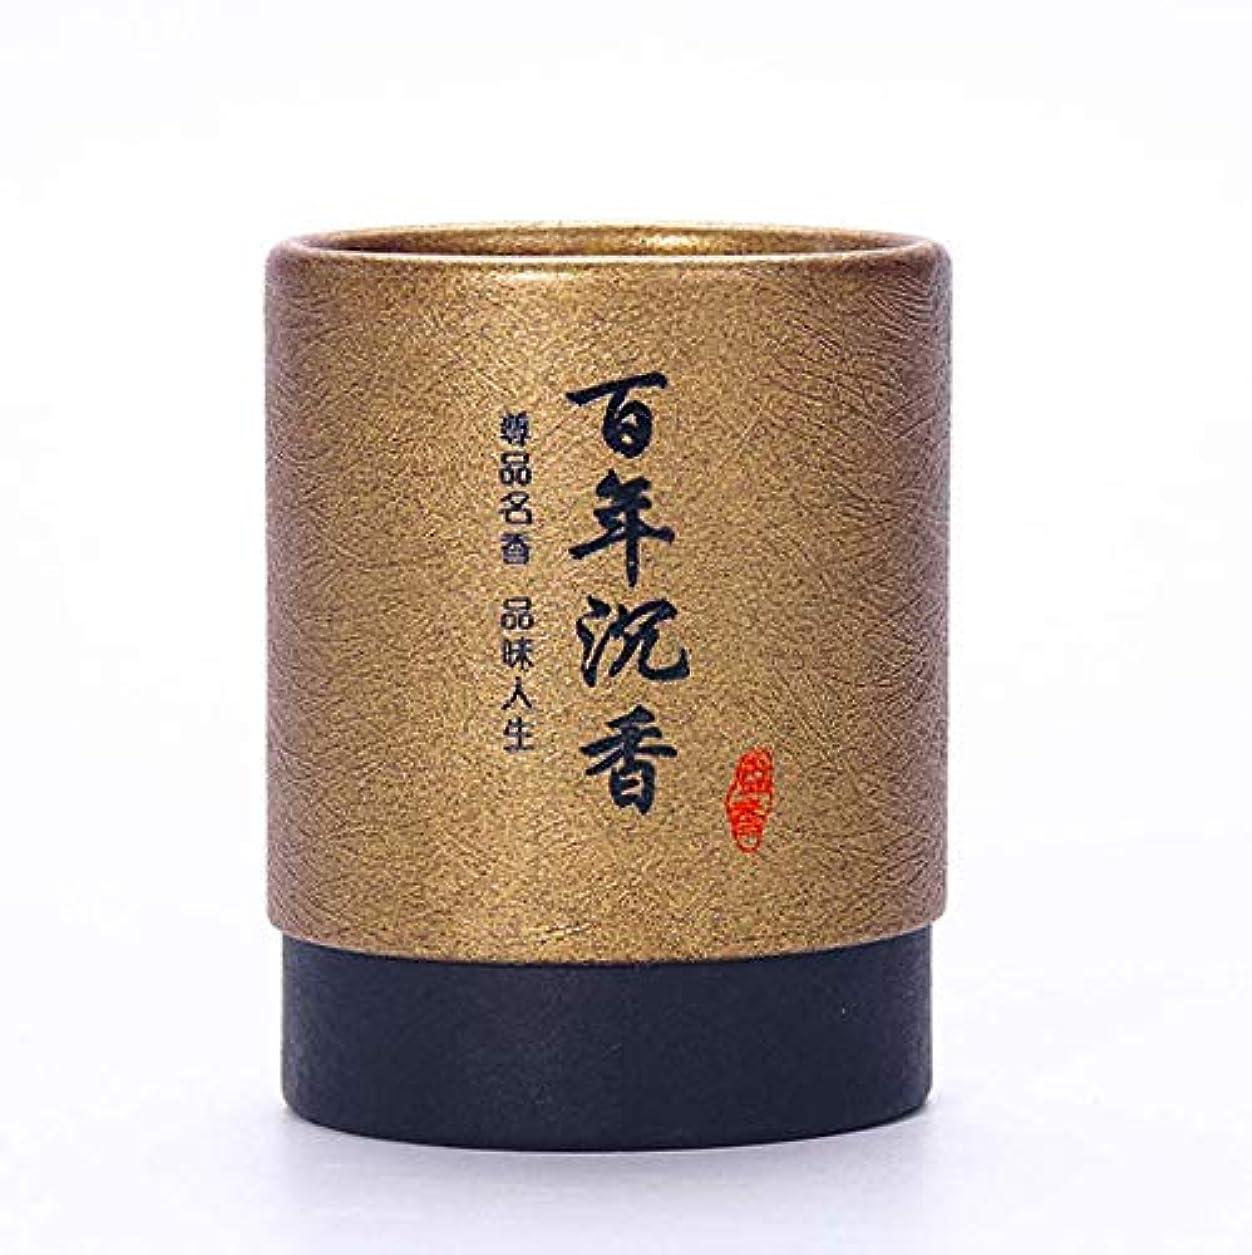 すばらしいです示すリブHwaGui お香 2時間 盤香 渦巻き線香 優しい香り 48巻入 沉香(百年沈香)